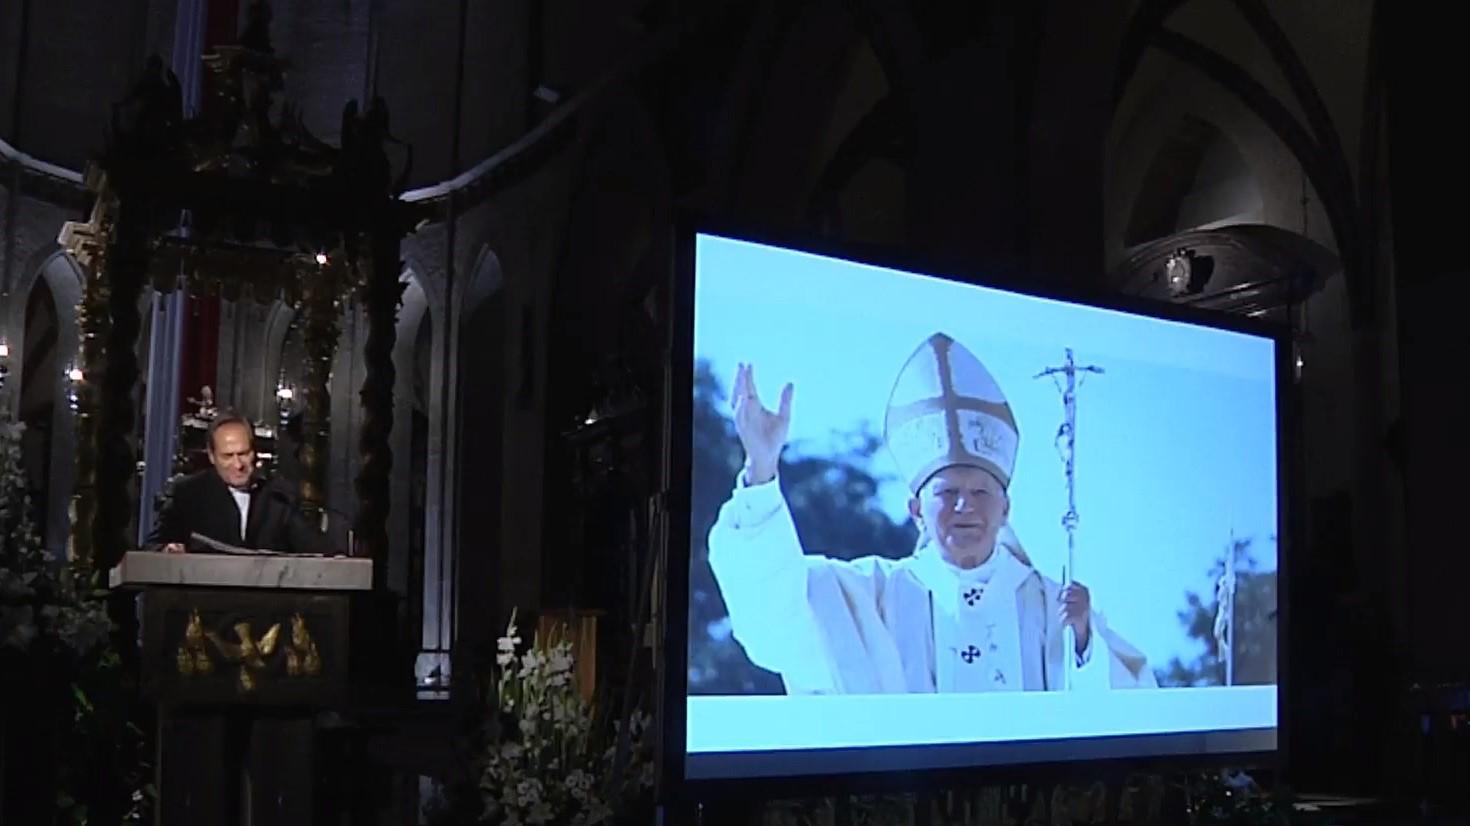 katedra gniezno spektakl papież dar i tajemnica - YT: Archidiecezja Gnieźnieńska